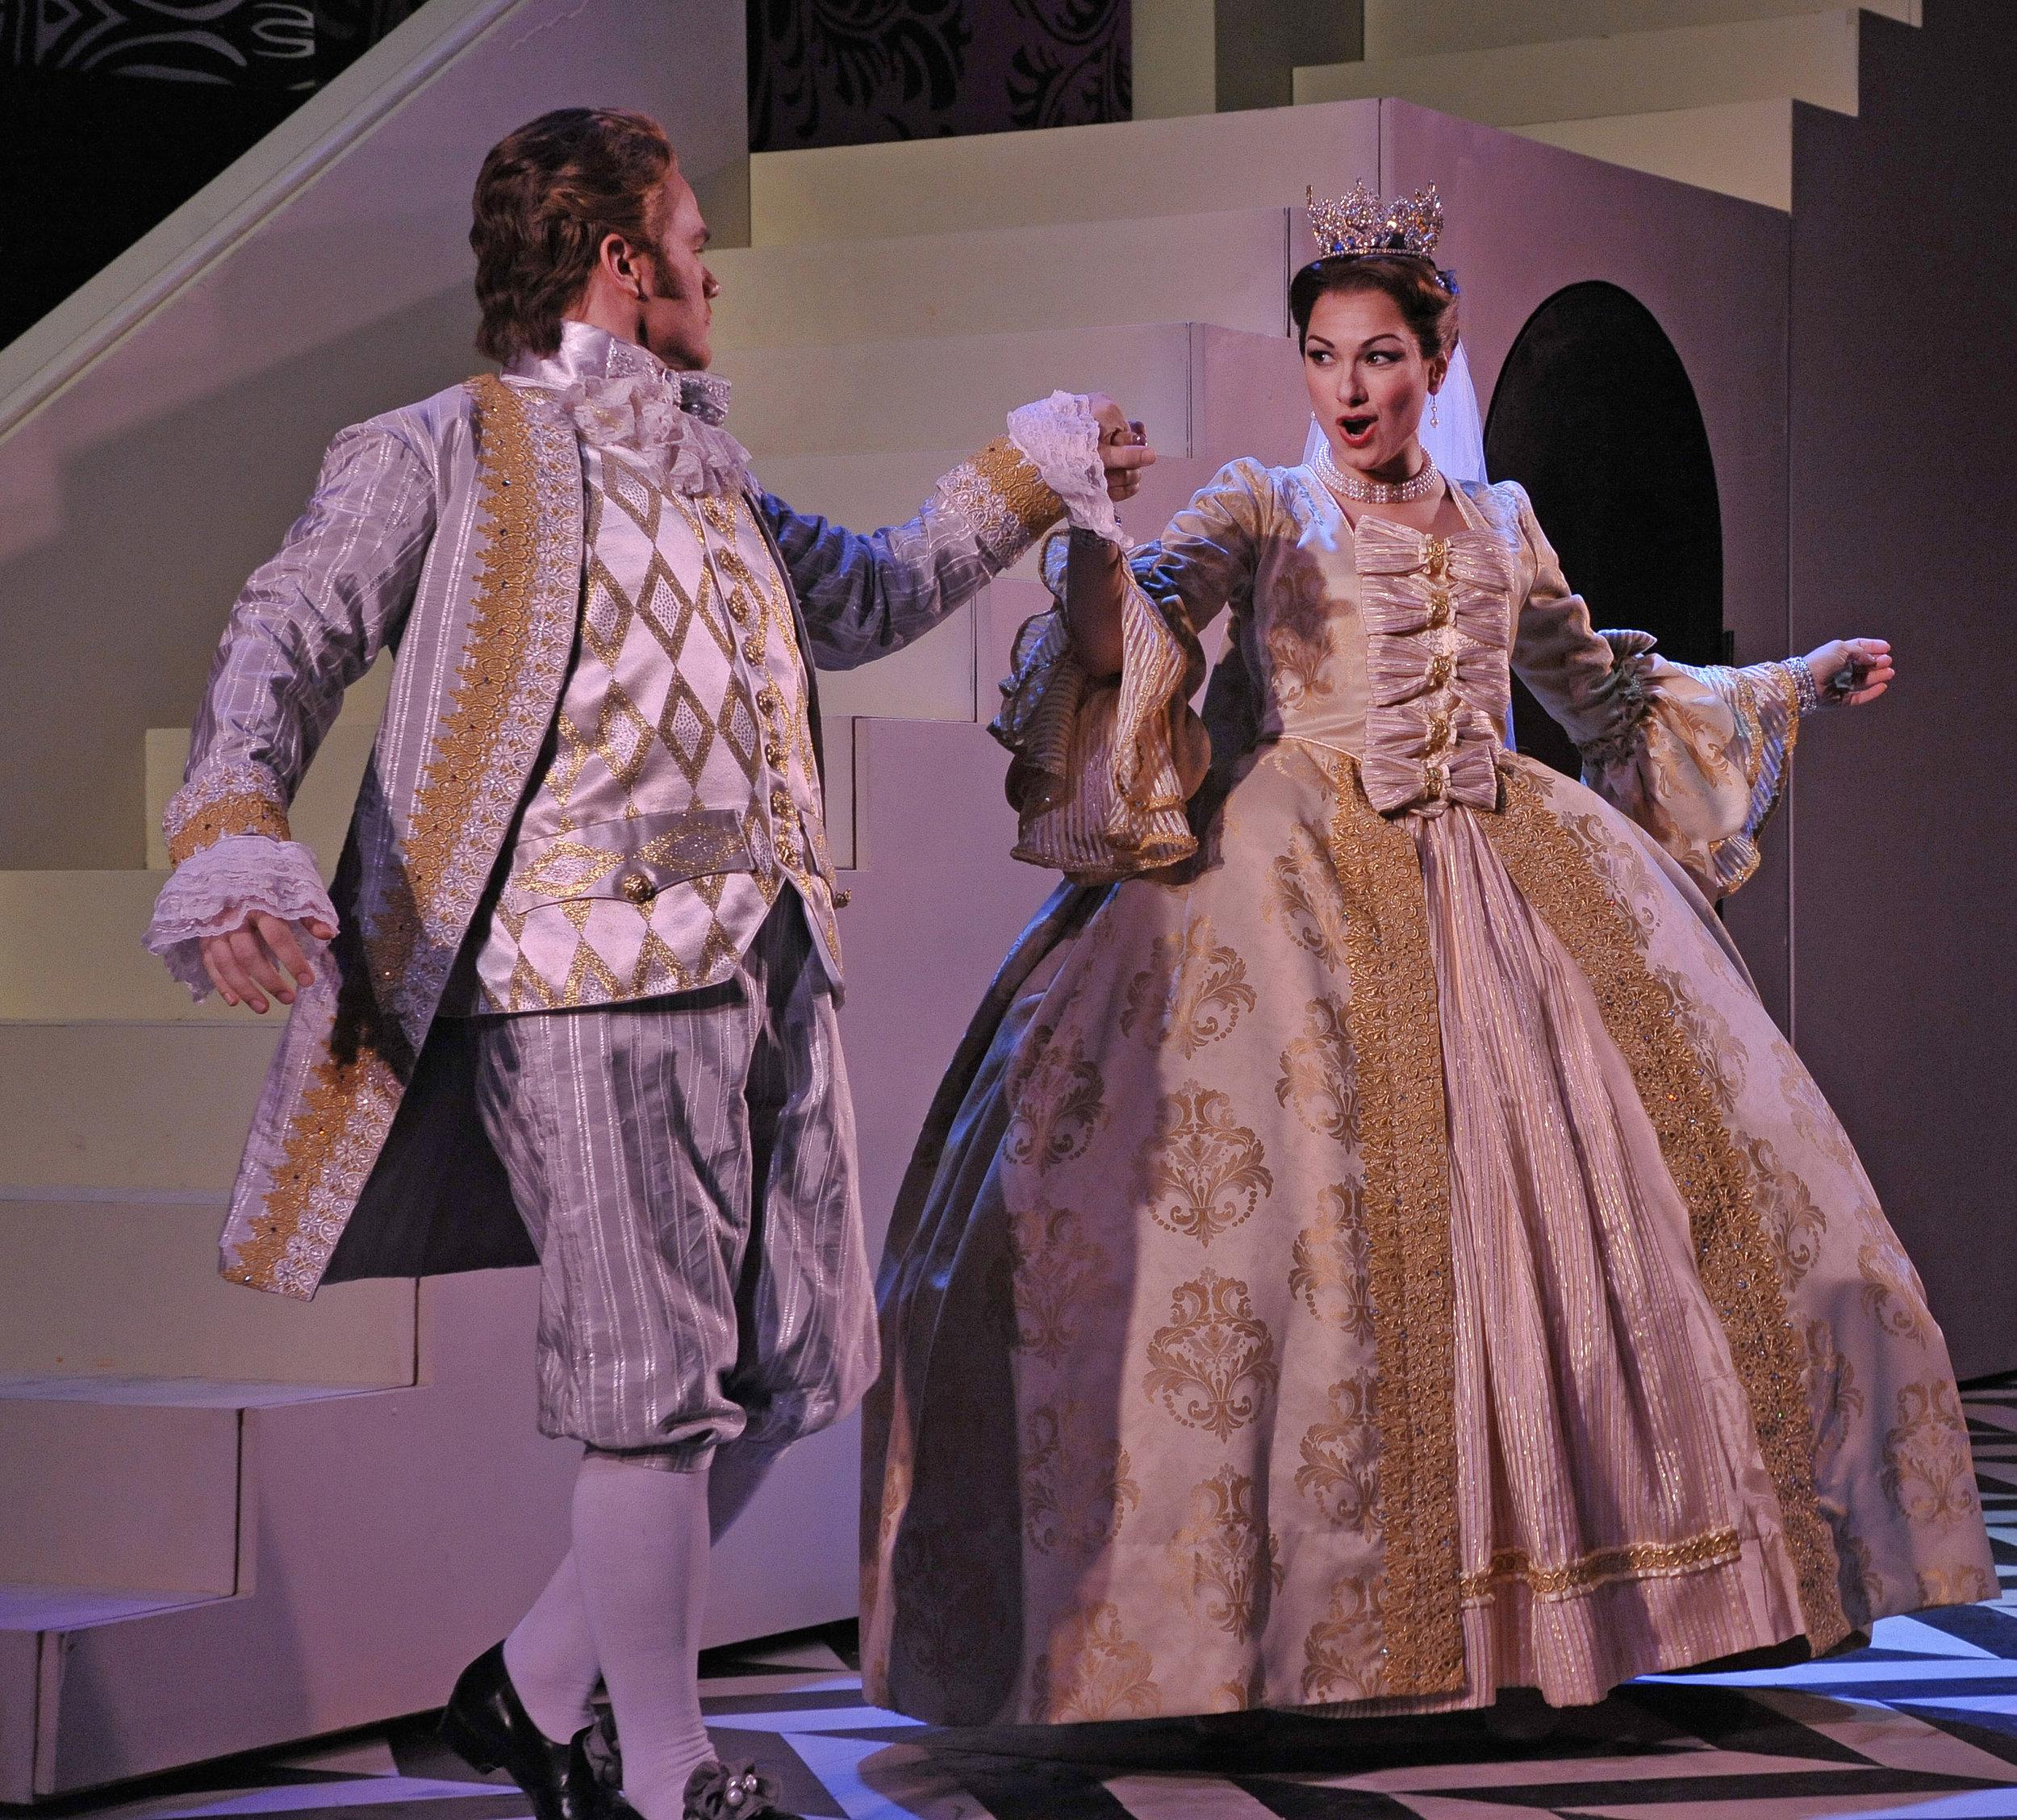 Opera_Saratoga_GG27983.jpg